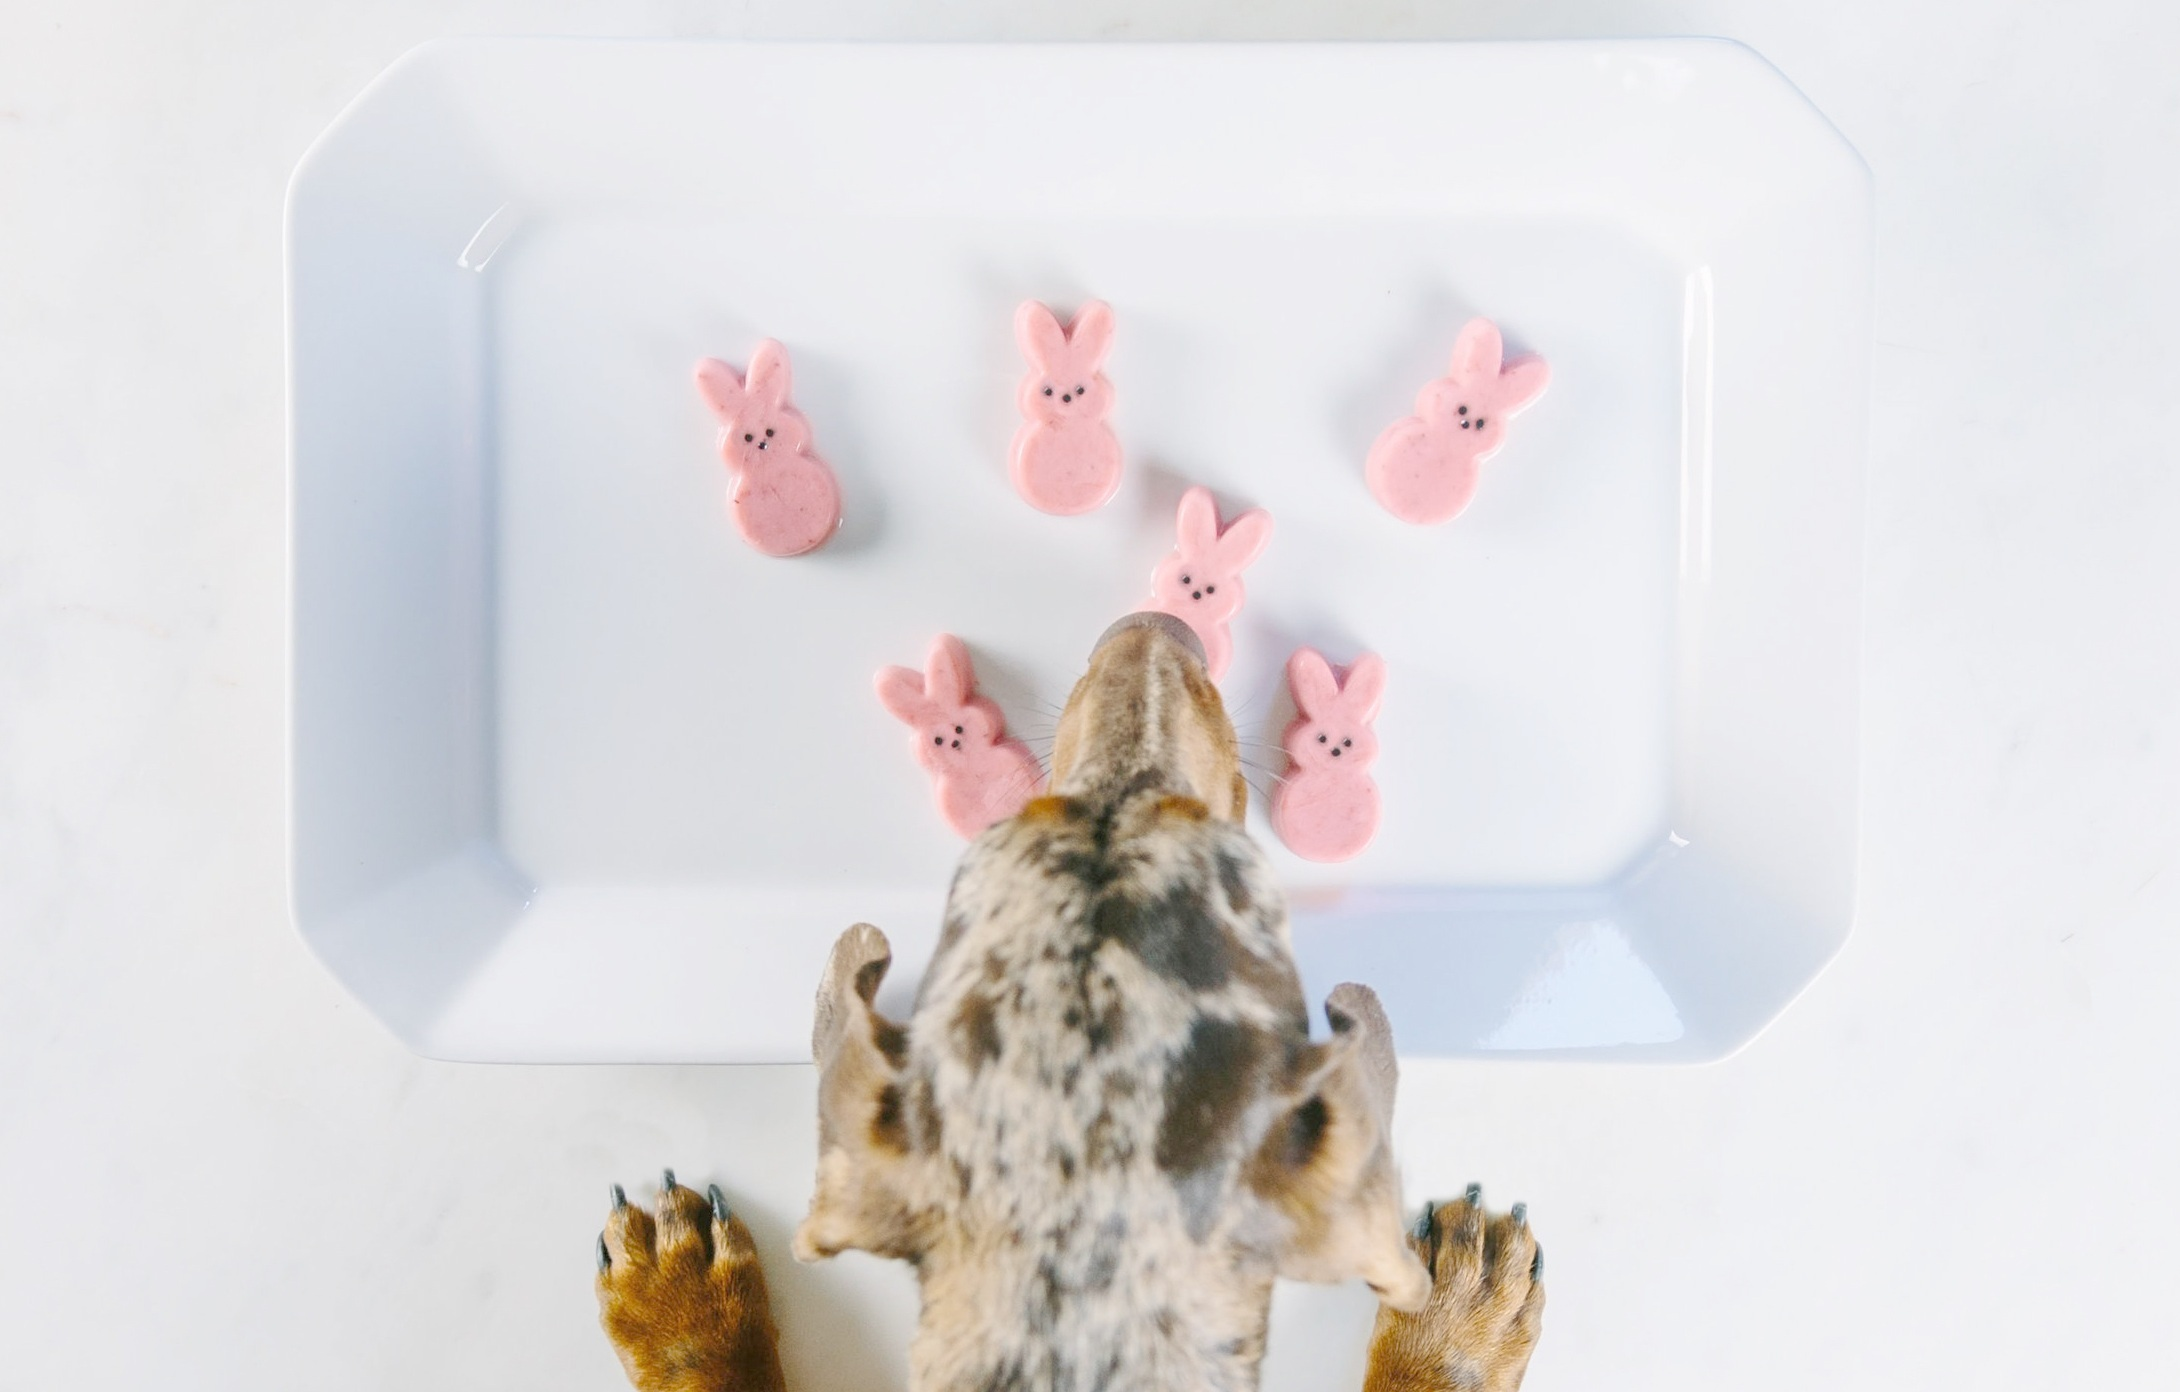 Easter%2BPeeps%2BRecipe%2Bfor%2BDogs%2Bon%2BThe%2BDapple%2BDog%2BLifestyle%2BSite